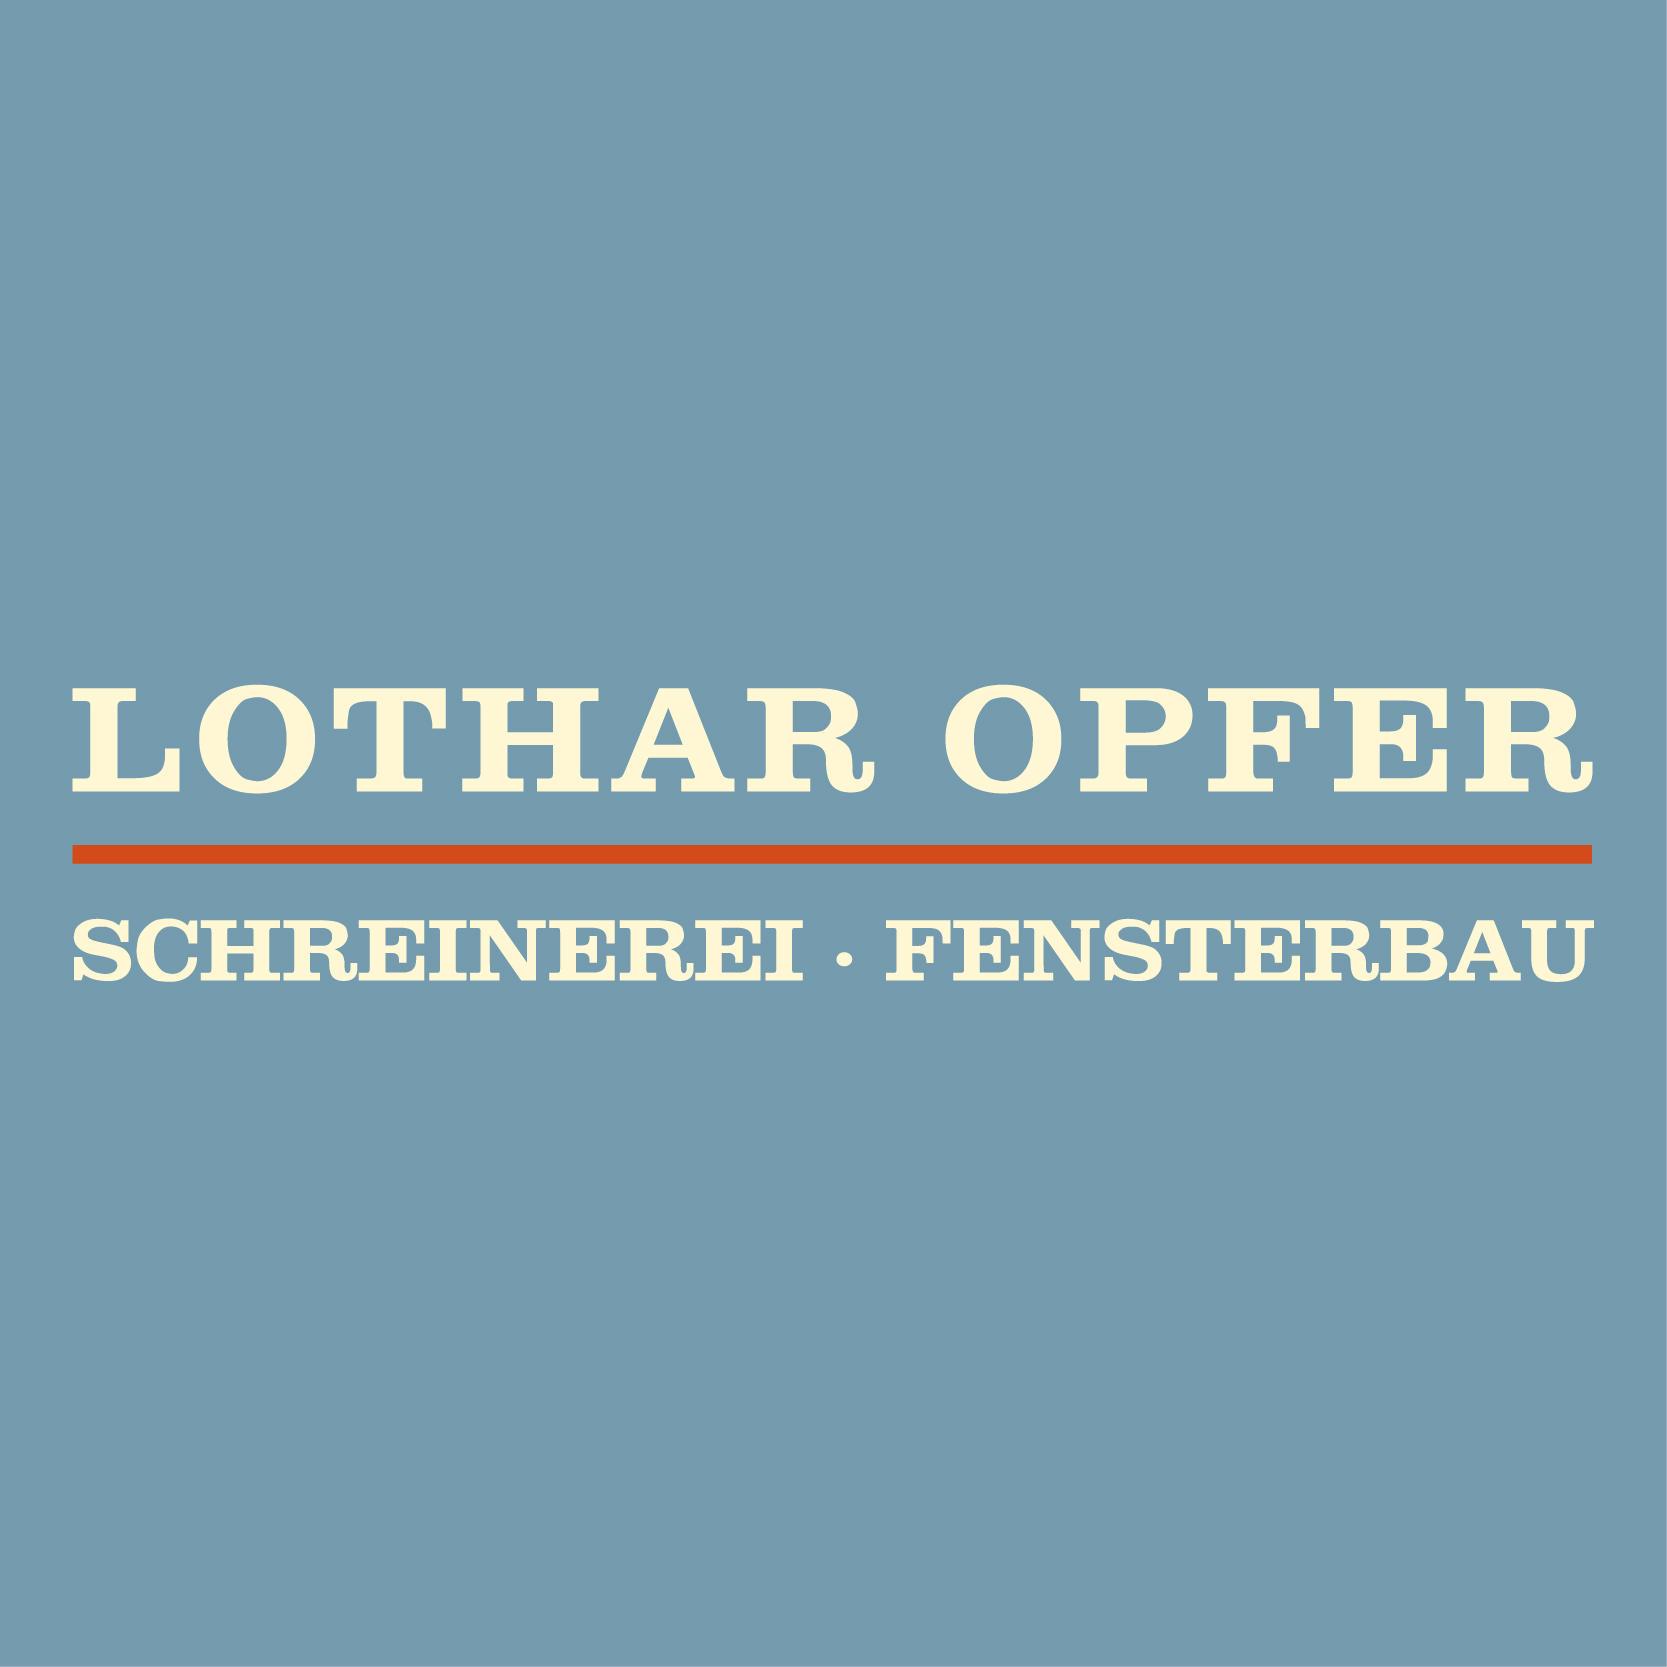 Lothar Opfer Fensterbau Schreinerei GmbH